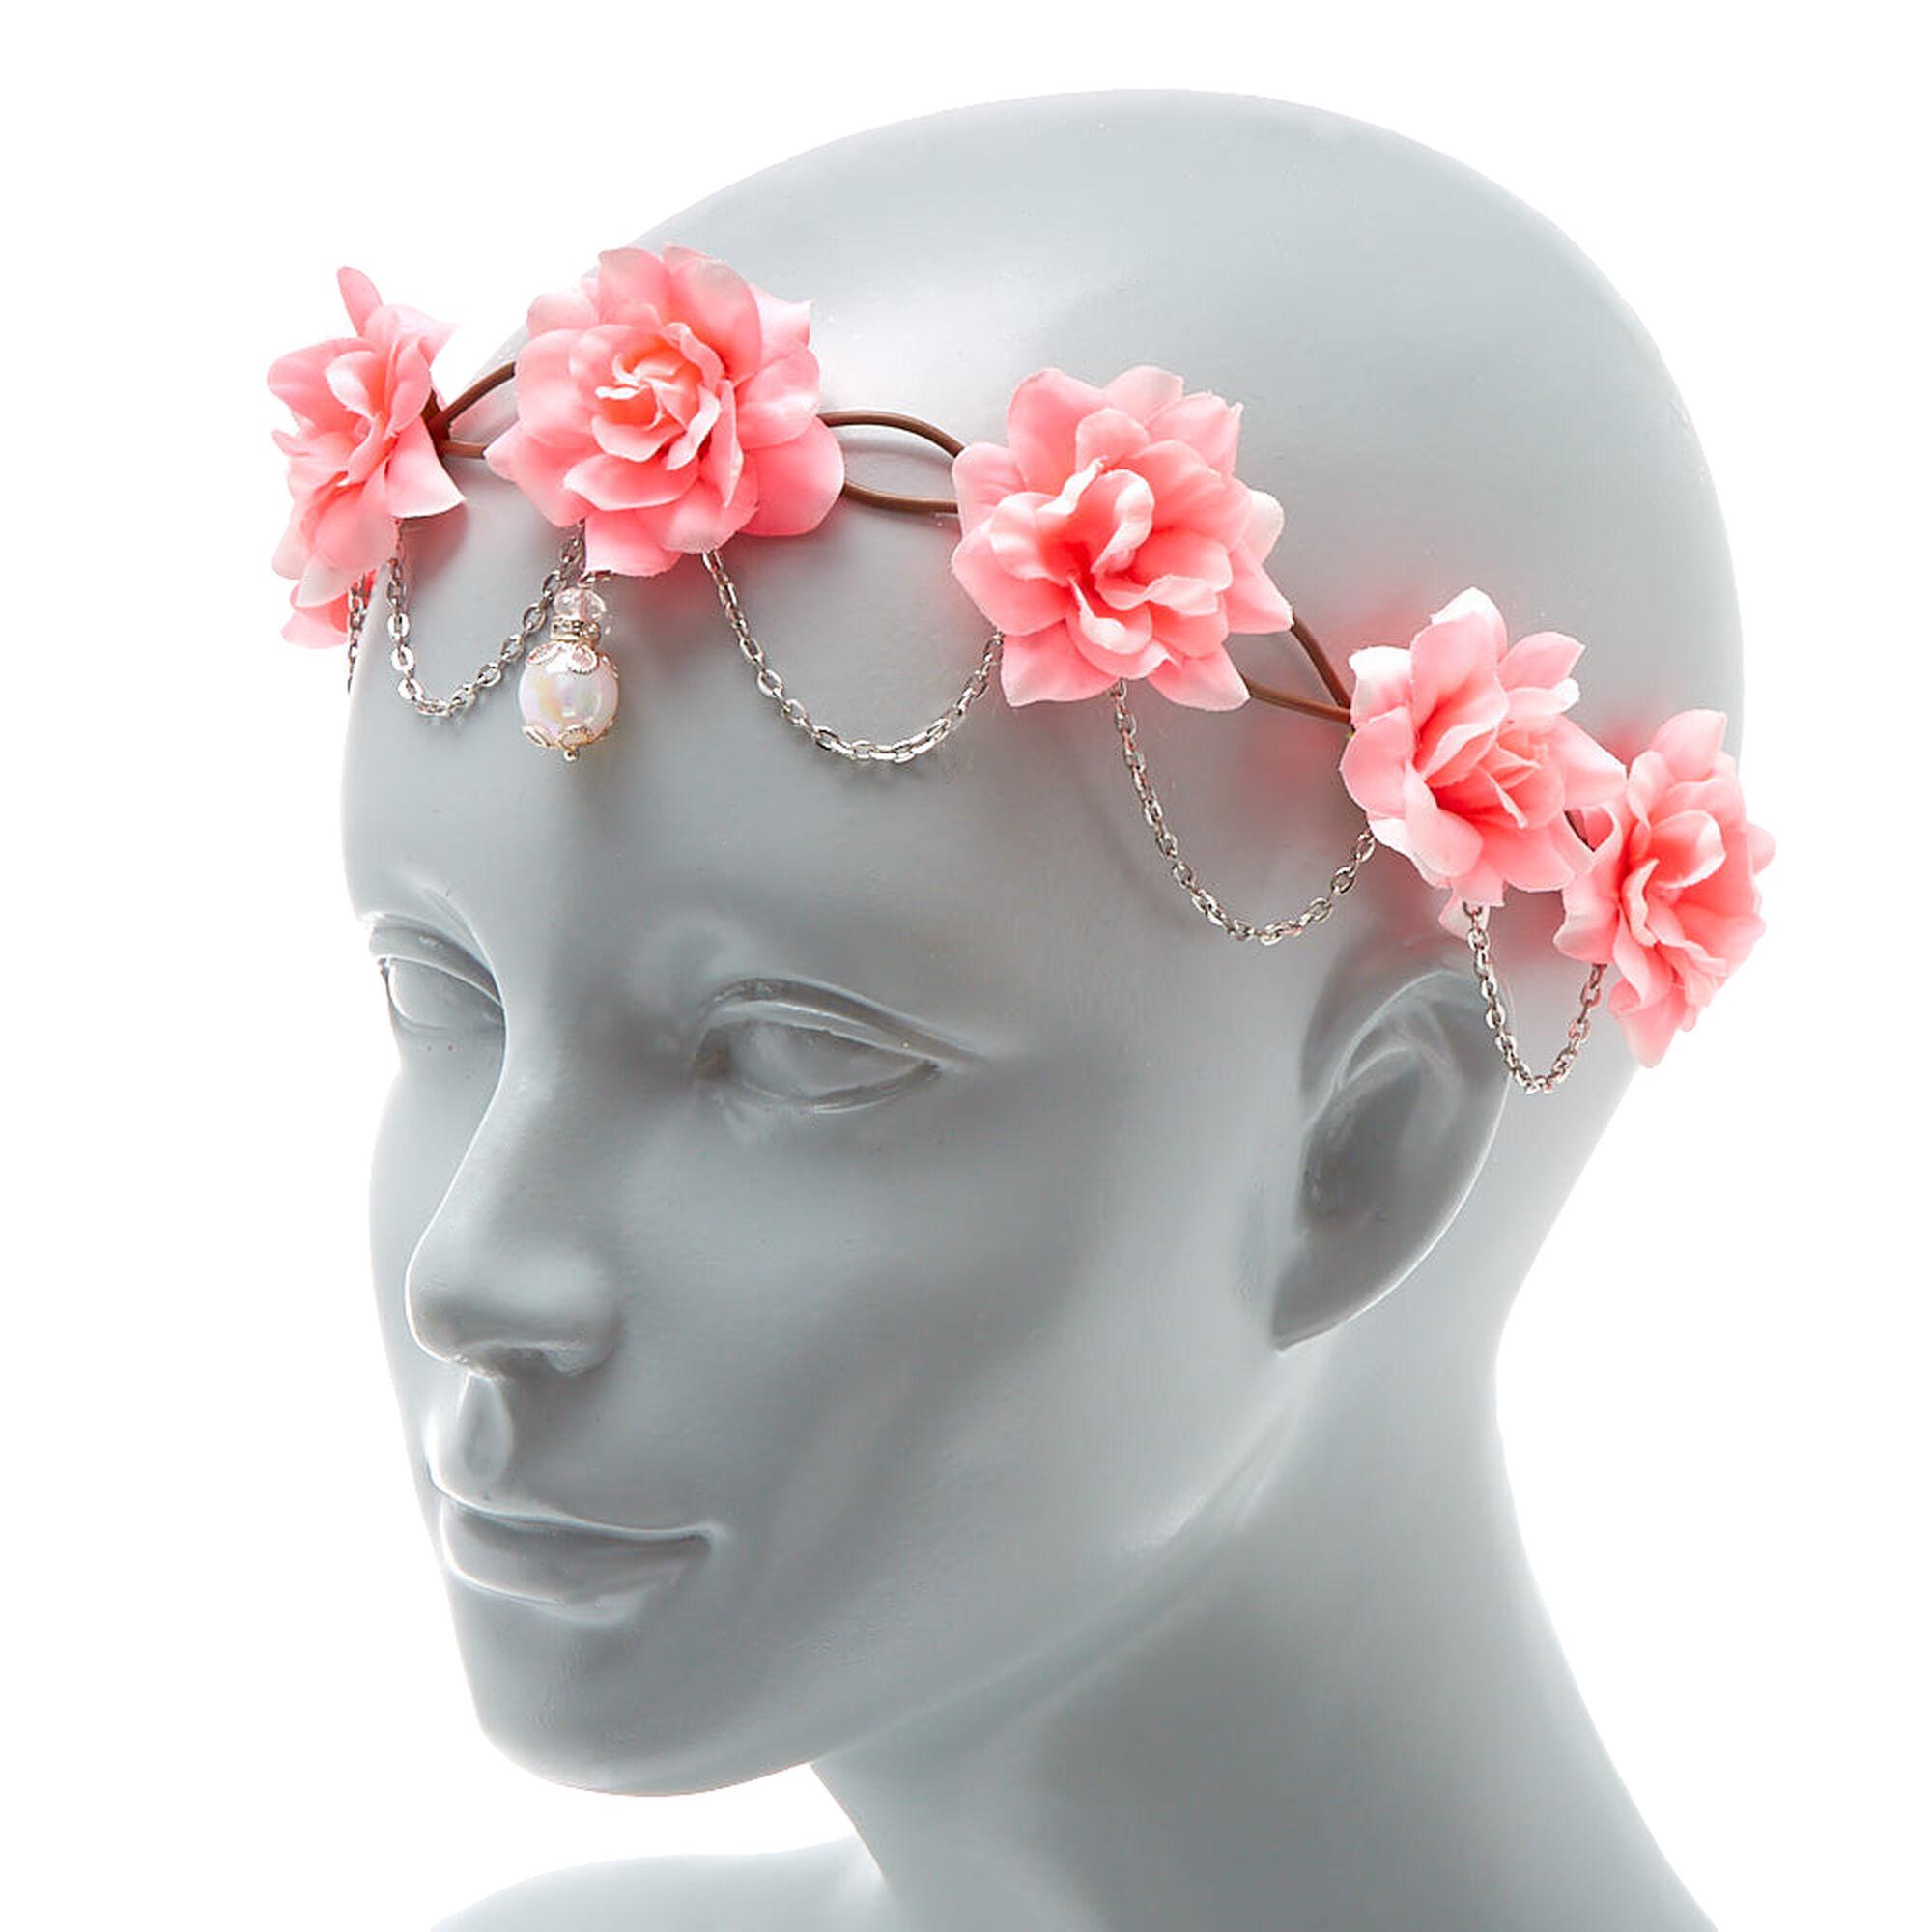 Silver chain flower crown headwrap hot pink claires us silver chain flower crown headwrap hot pink izmirmasajfo